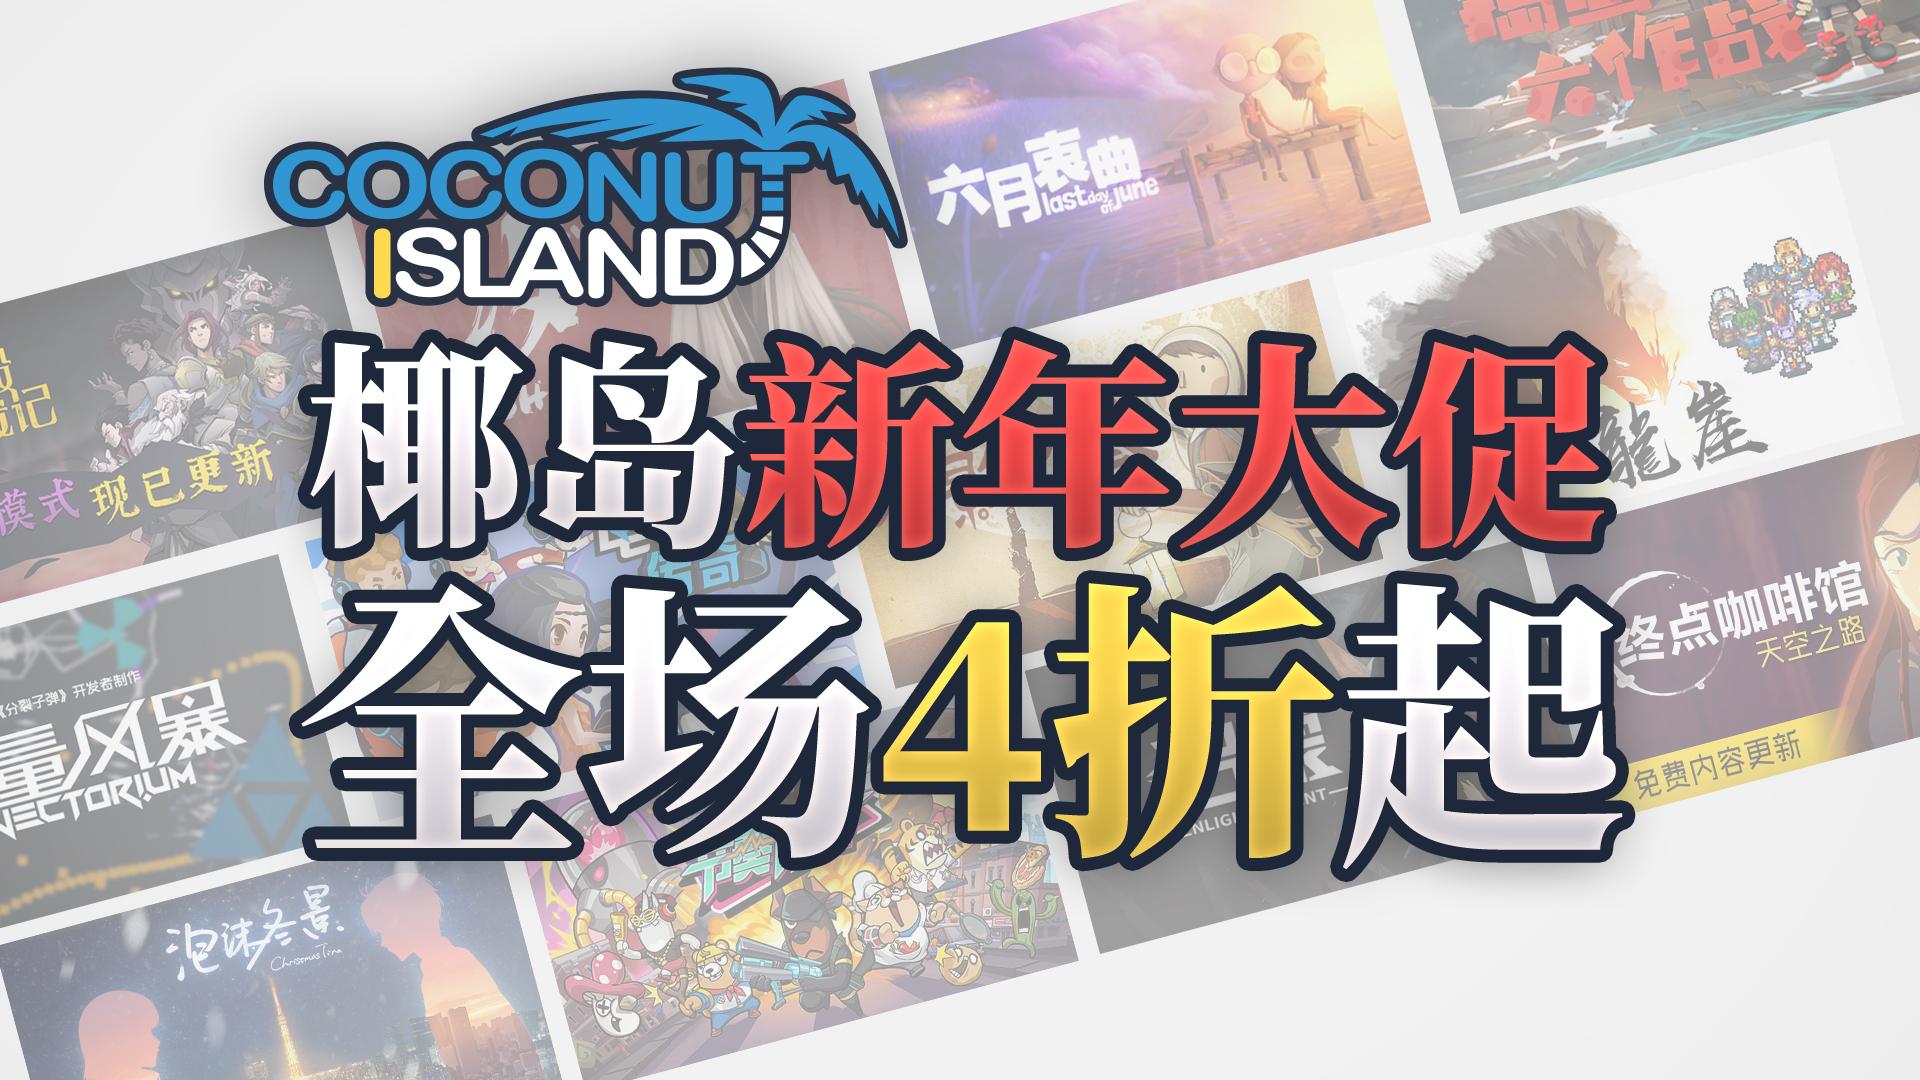 超低价!椰岛游戏新春特惠,多款游戏史低等你!